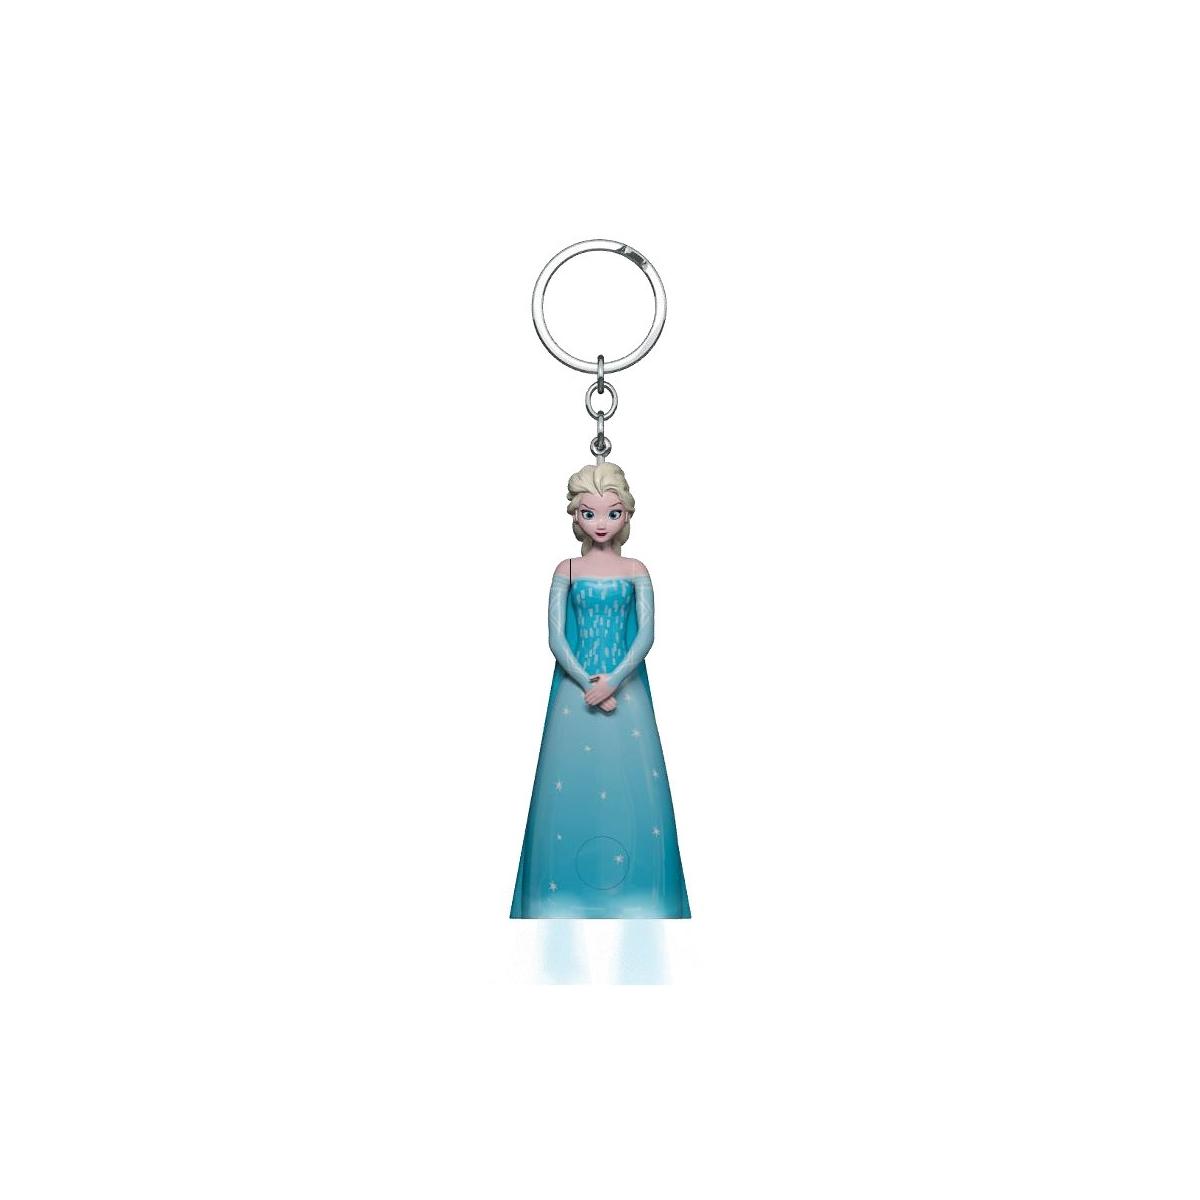 La reine des neiges lampe de poche led elsa figurine discount - Reine des neiges lampe ...